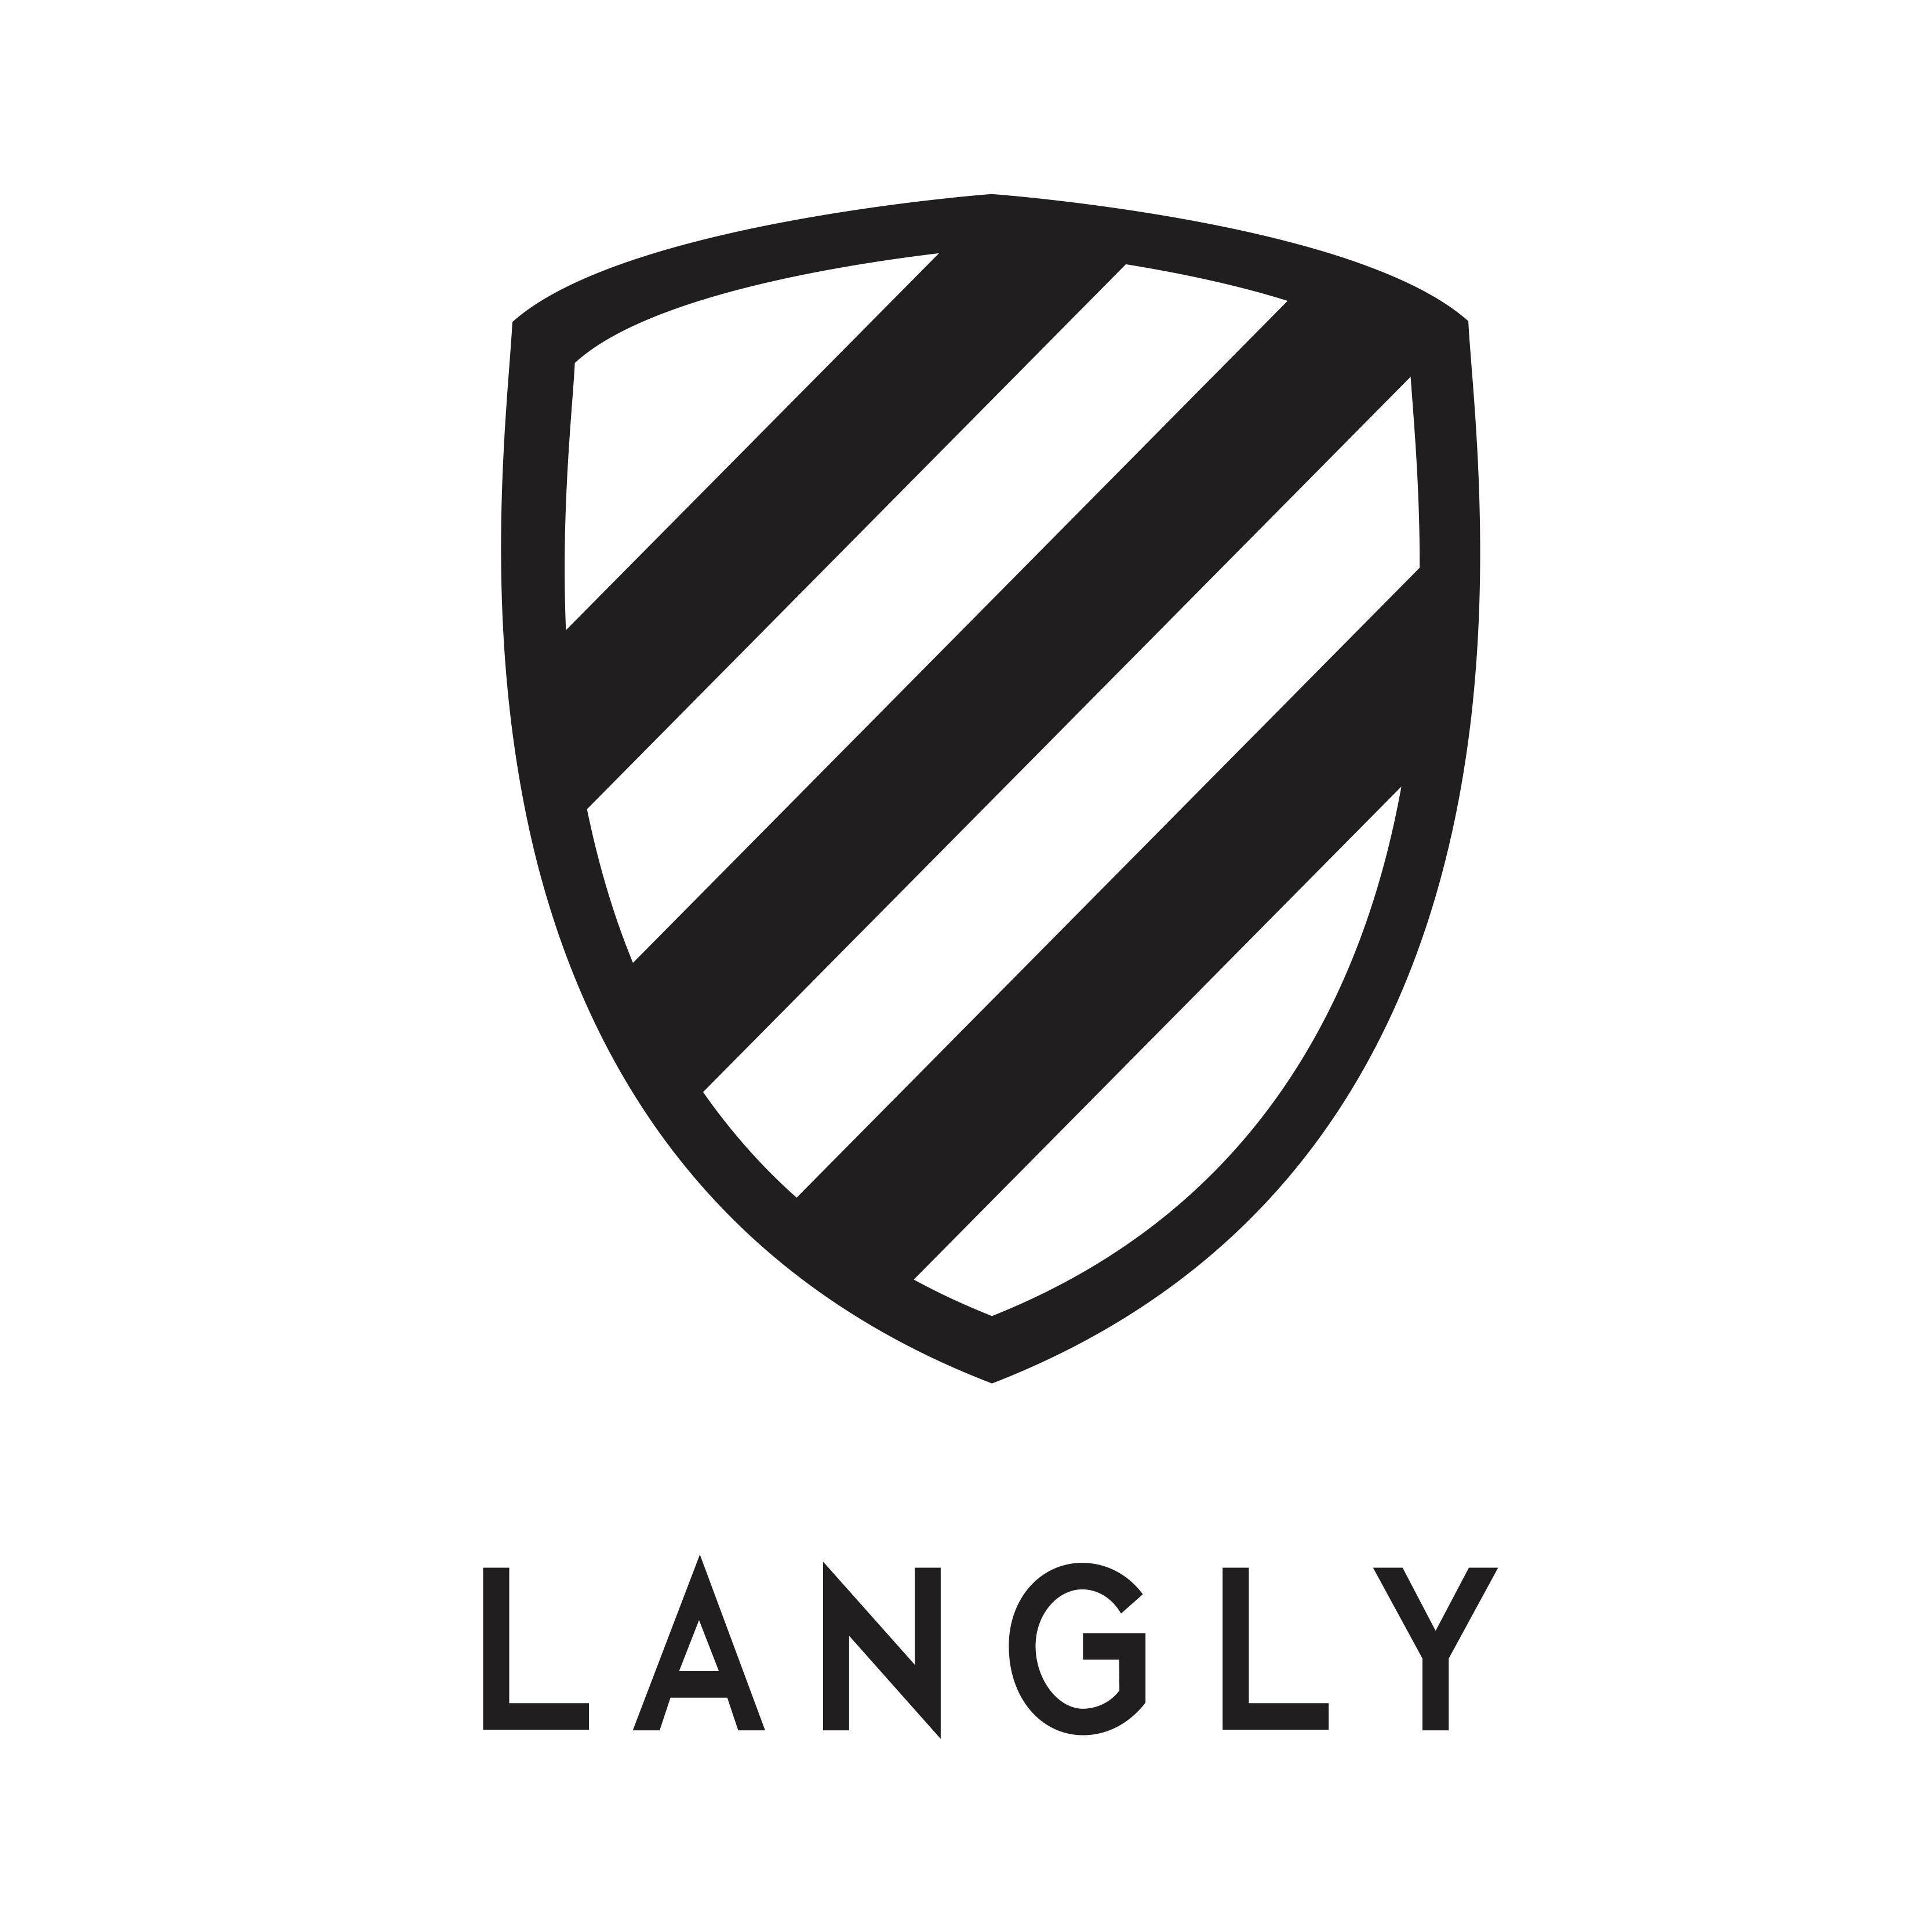 LANGLY LOGO